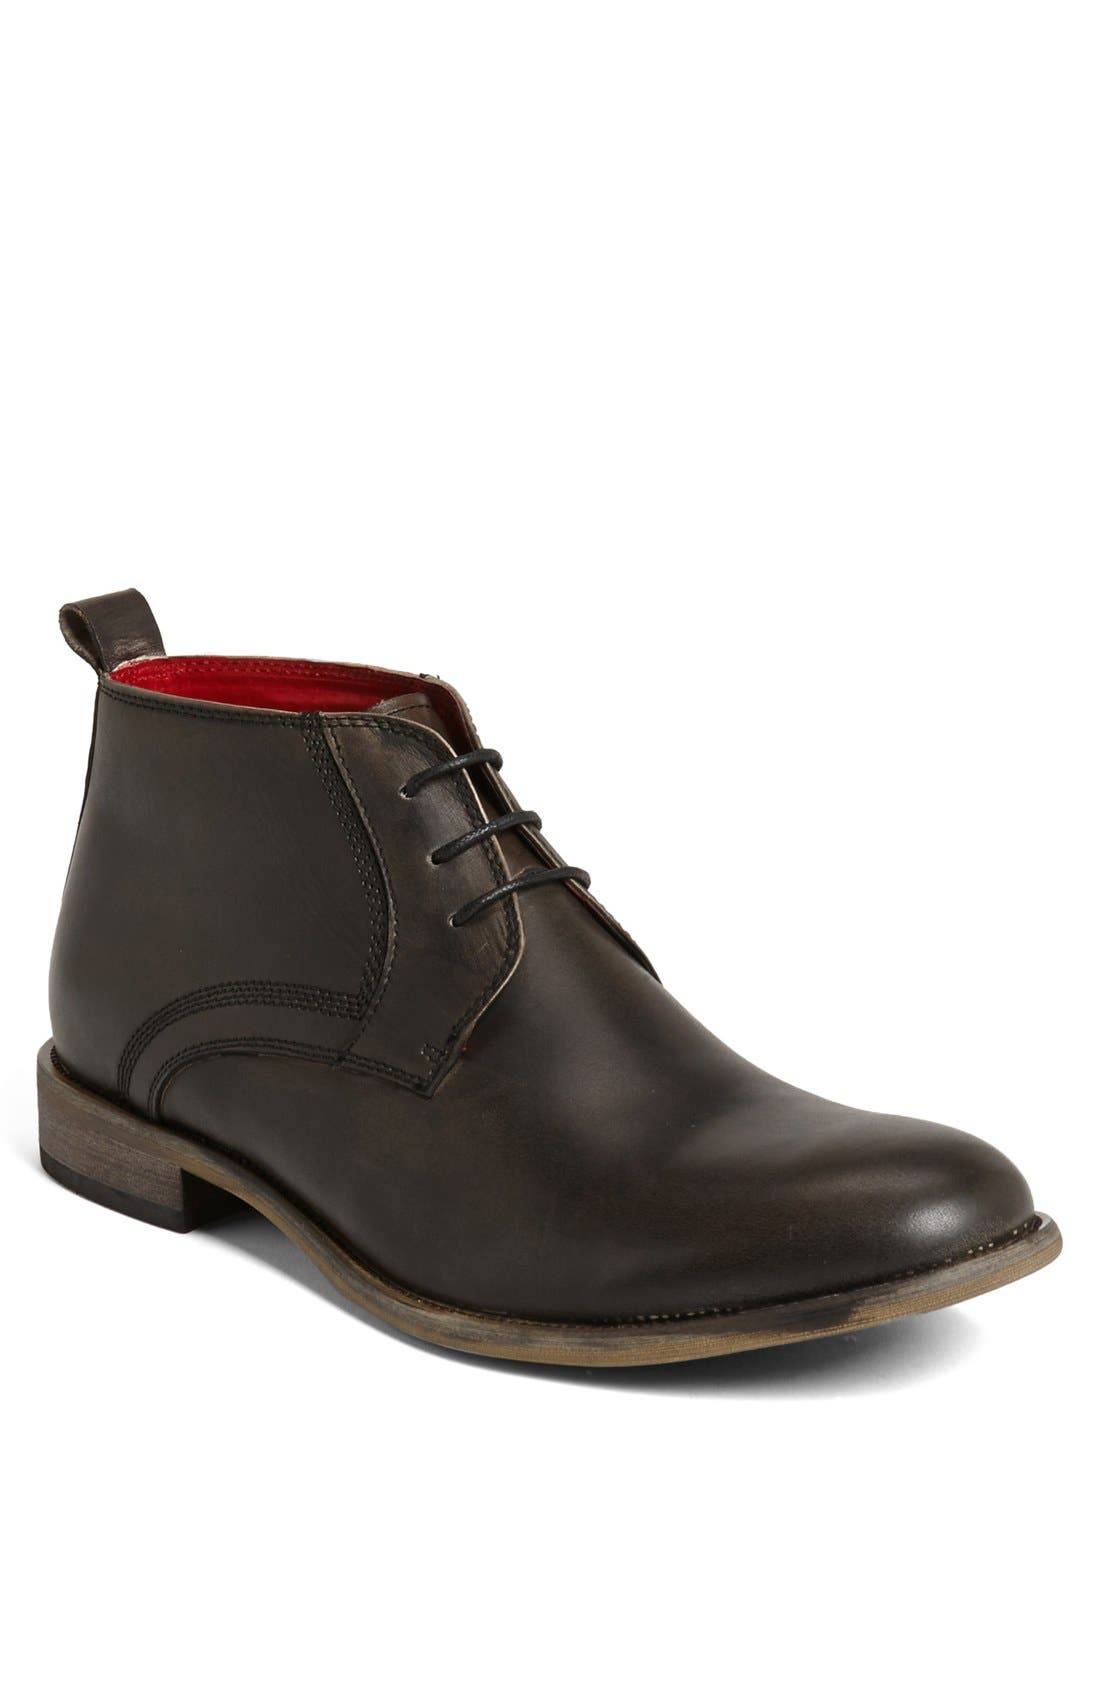 Alternate Image 1 Selected - Steve Madden 'Bronxxx' Chukka Boot (Men)